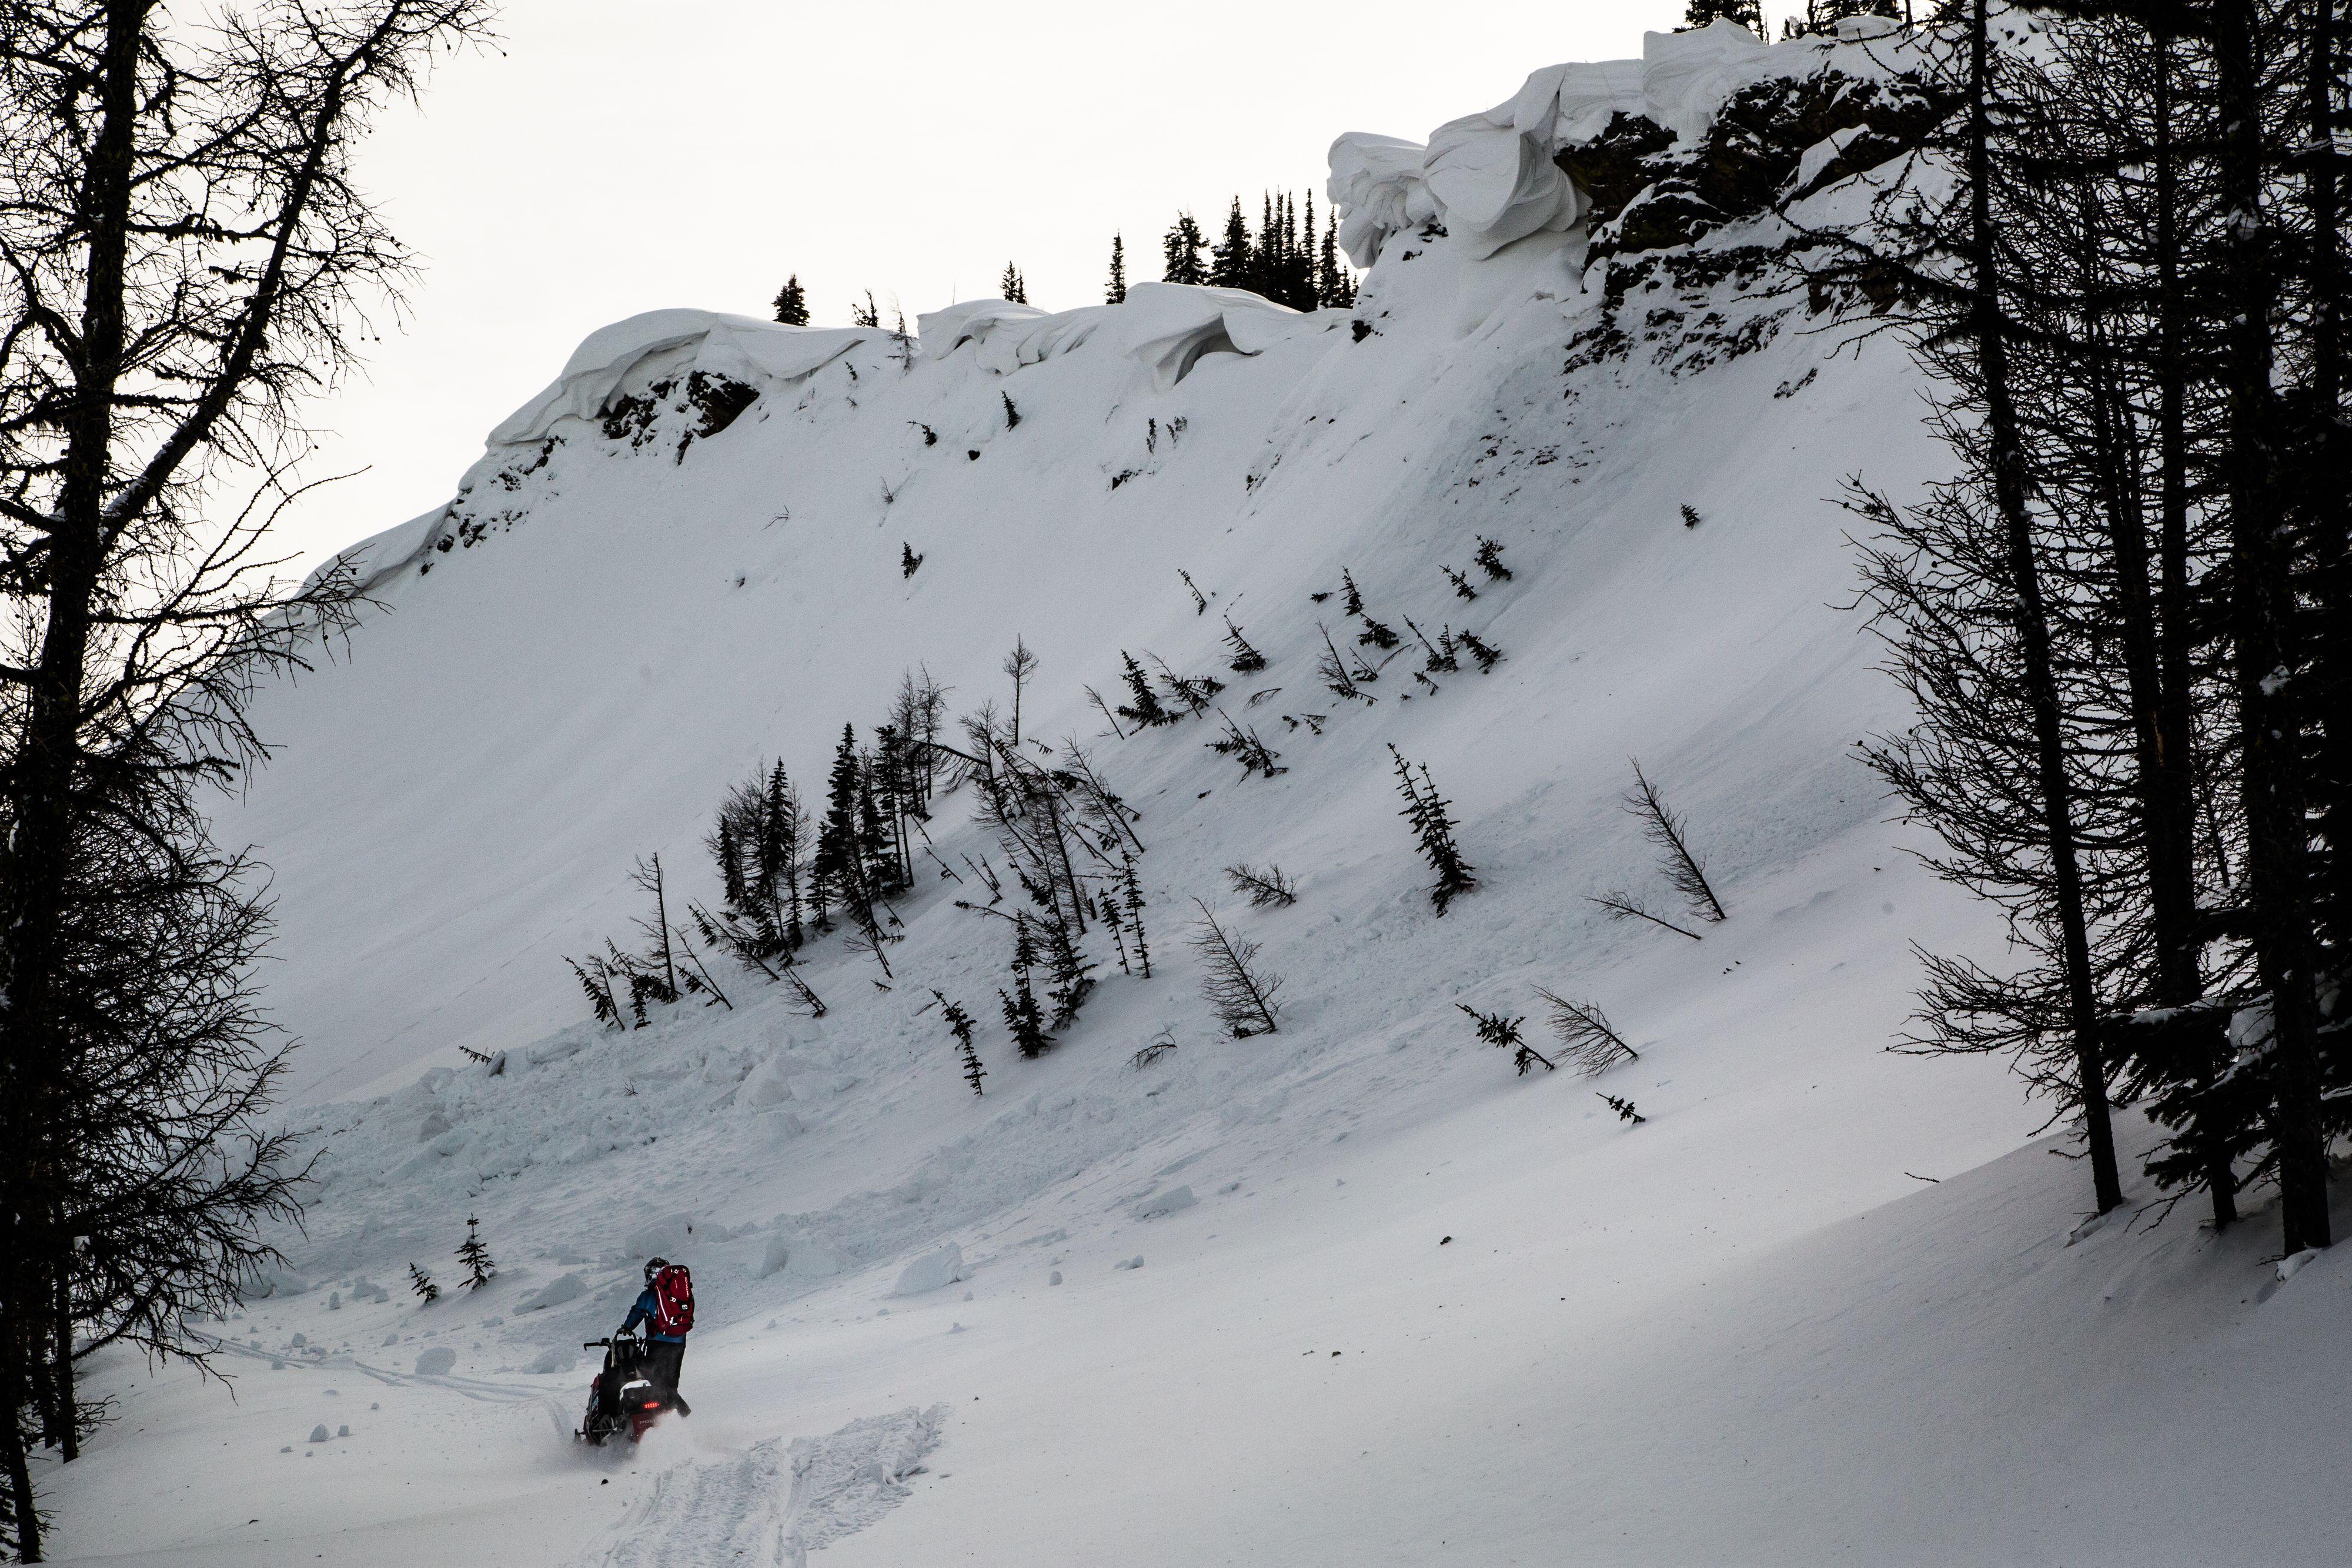 Une avalanche pourrait frapper toute personne qui se déplace en bas sur ce parcours. Il est par conséquent important d'user de grande prudence avant d'avancer.